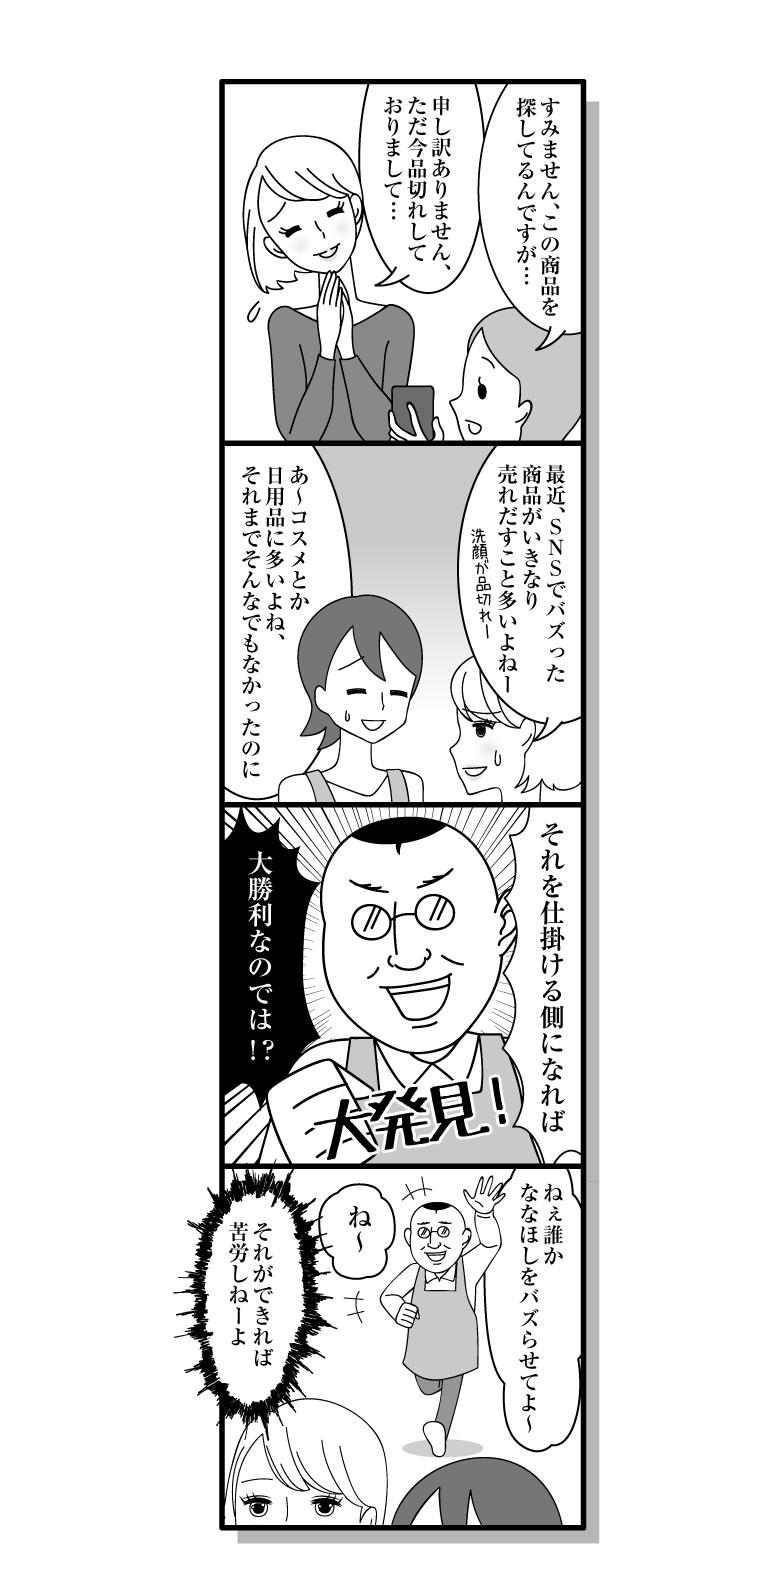 180505_manga